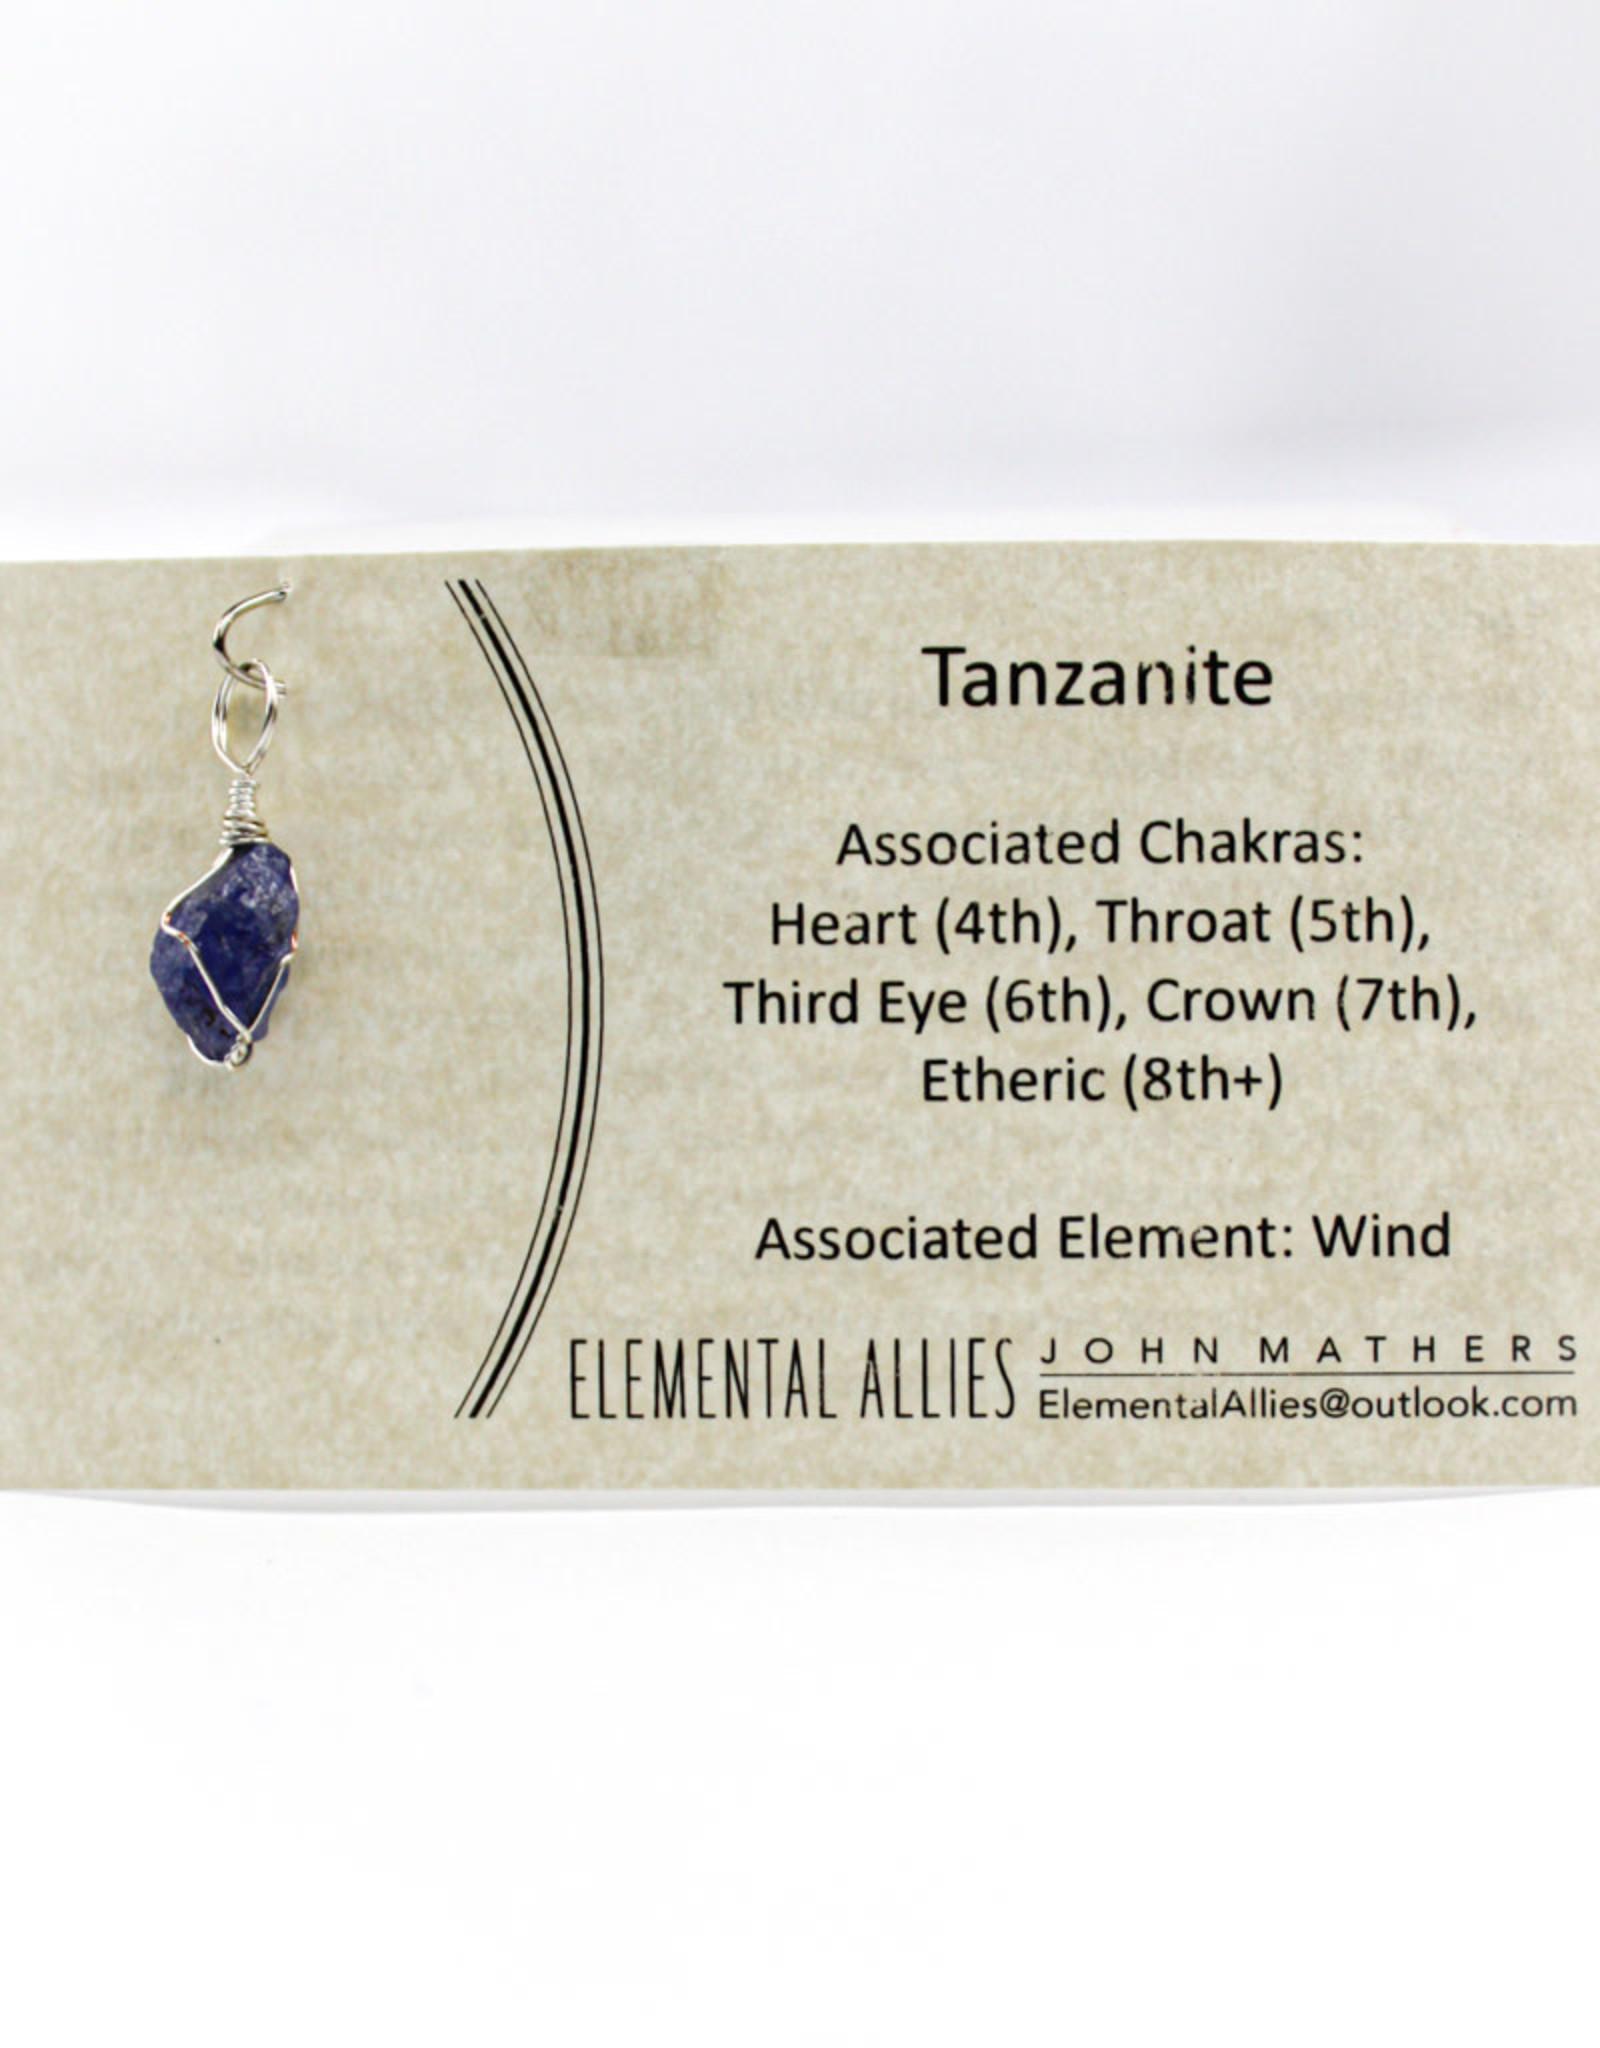 Elemental Allies Tanzanite Pendant Genuine Gemstone, Wire Wrapped  Birthstone - December